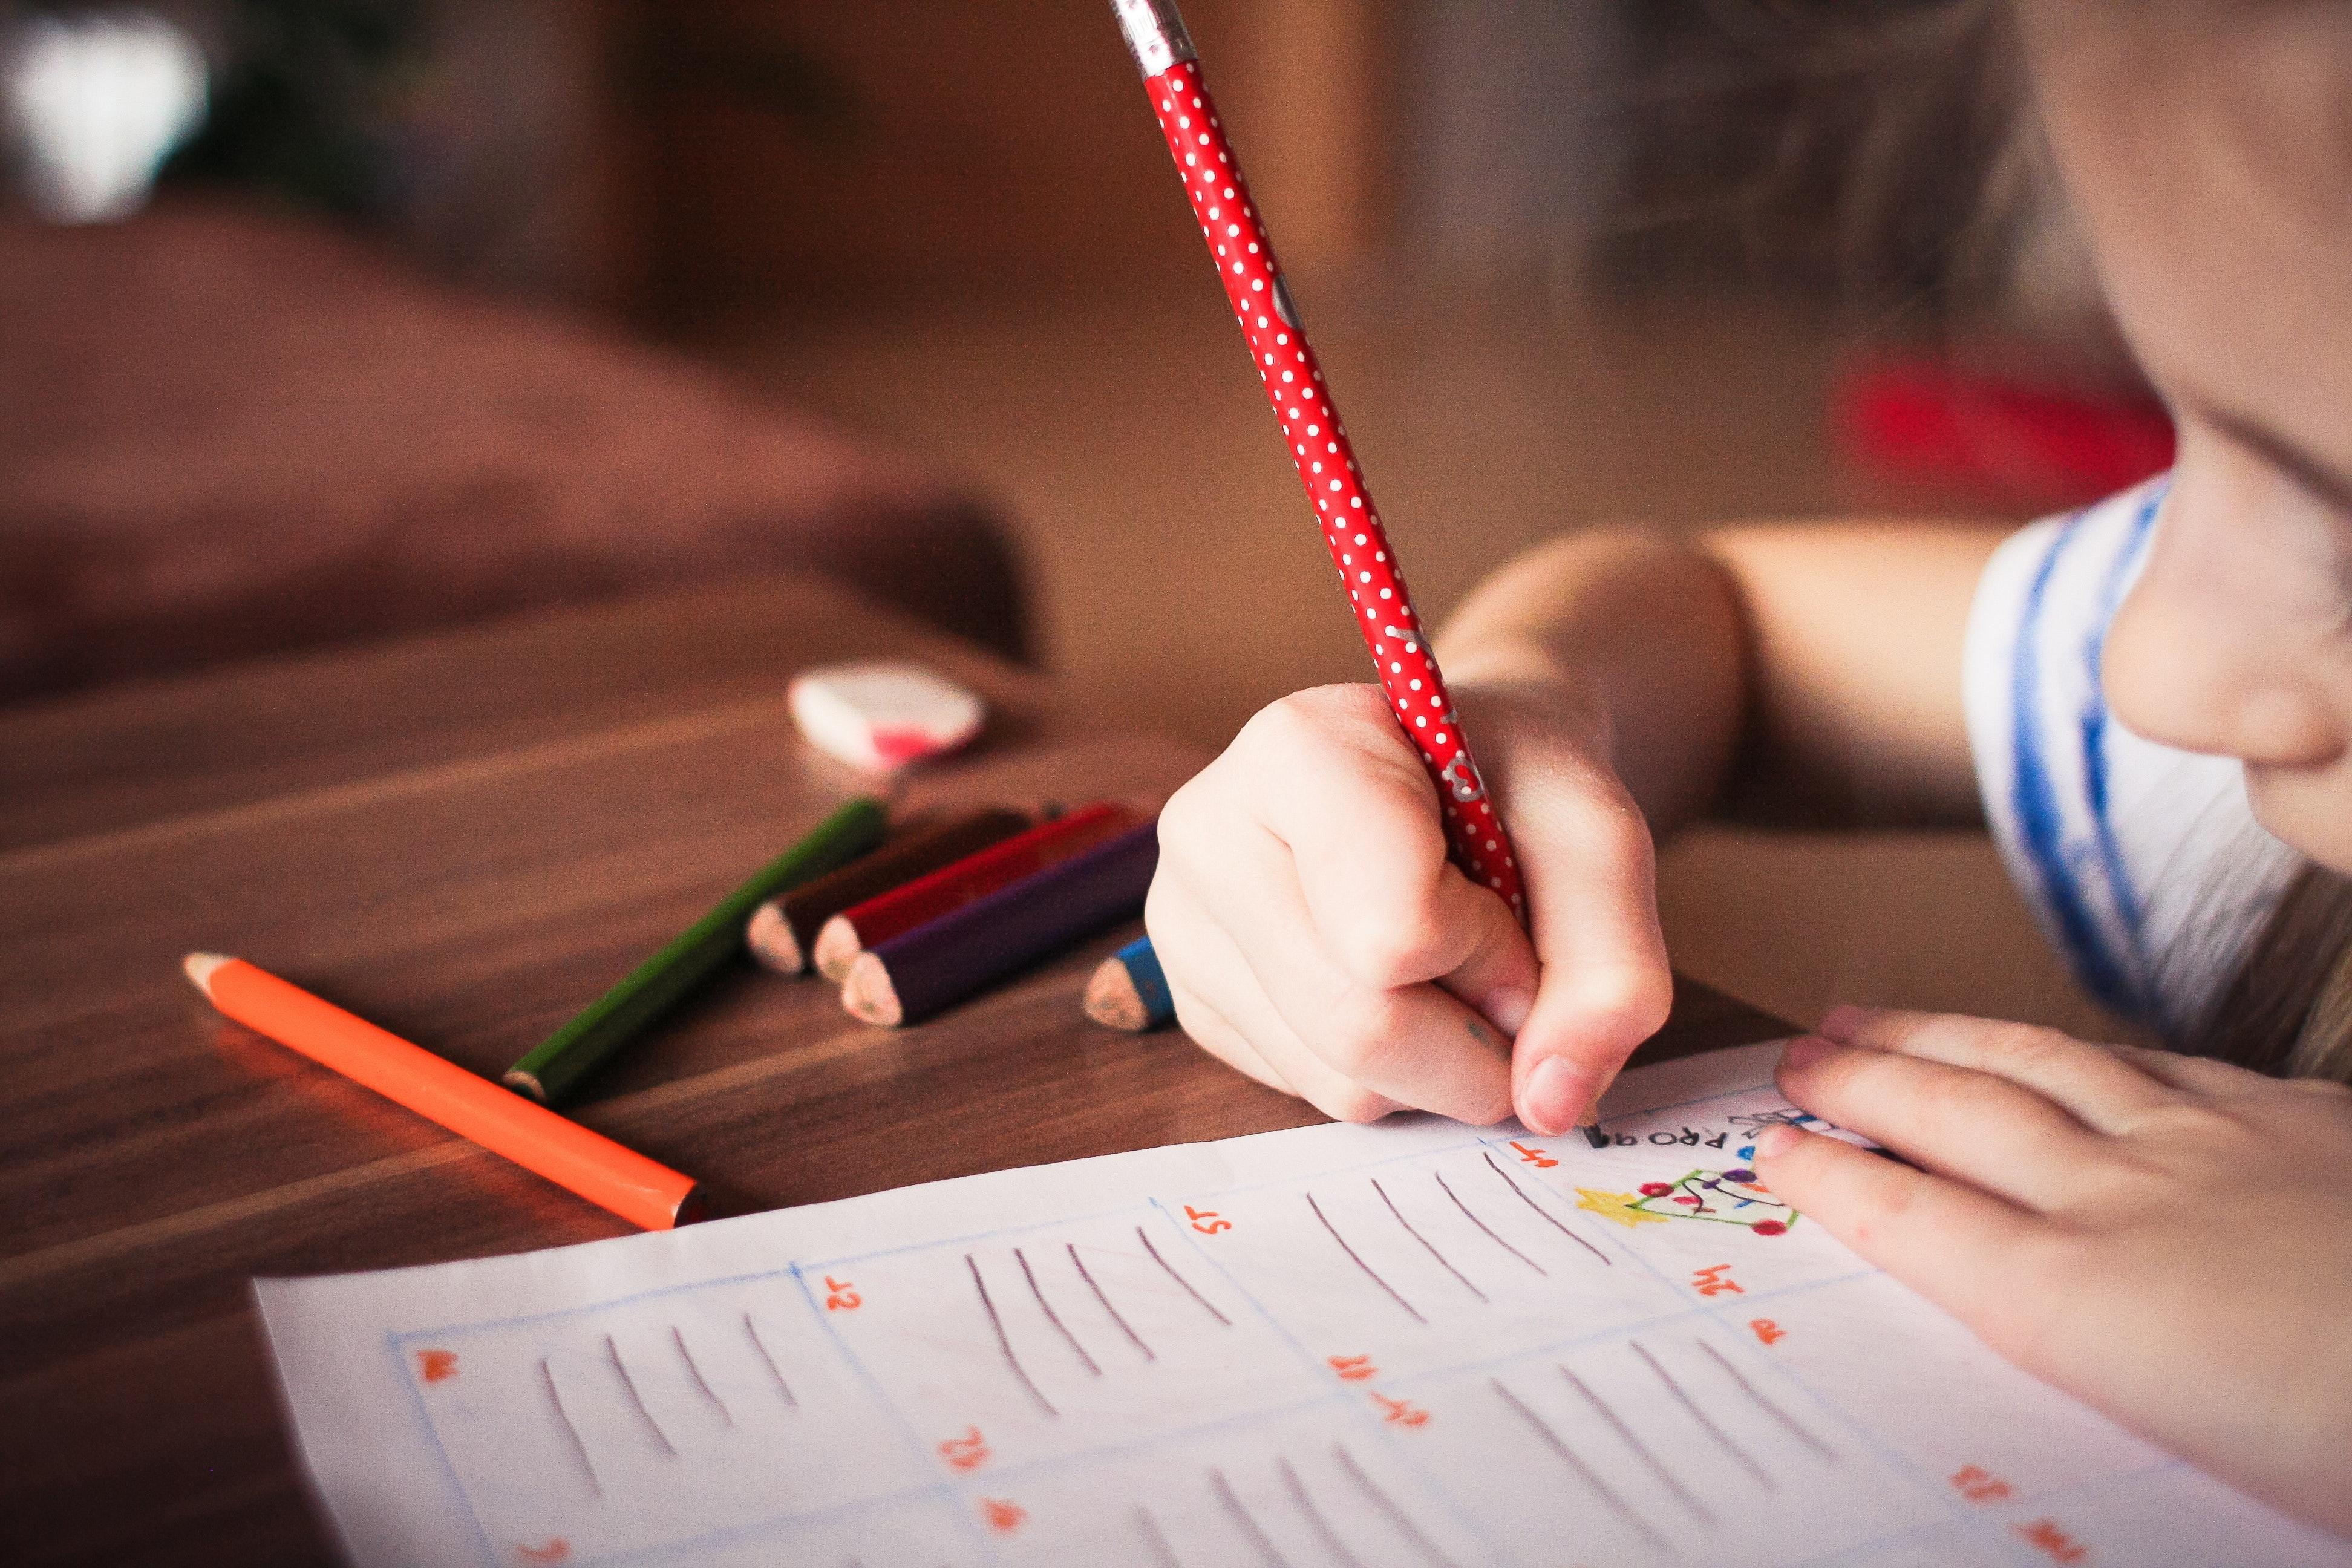 První týdny vprvní třídě bývají náročné. Proto se to svému školáčkovi snažte usnadnit.